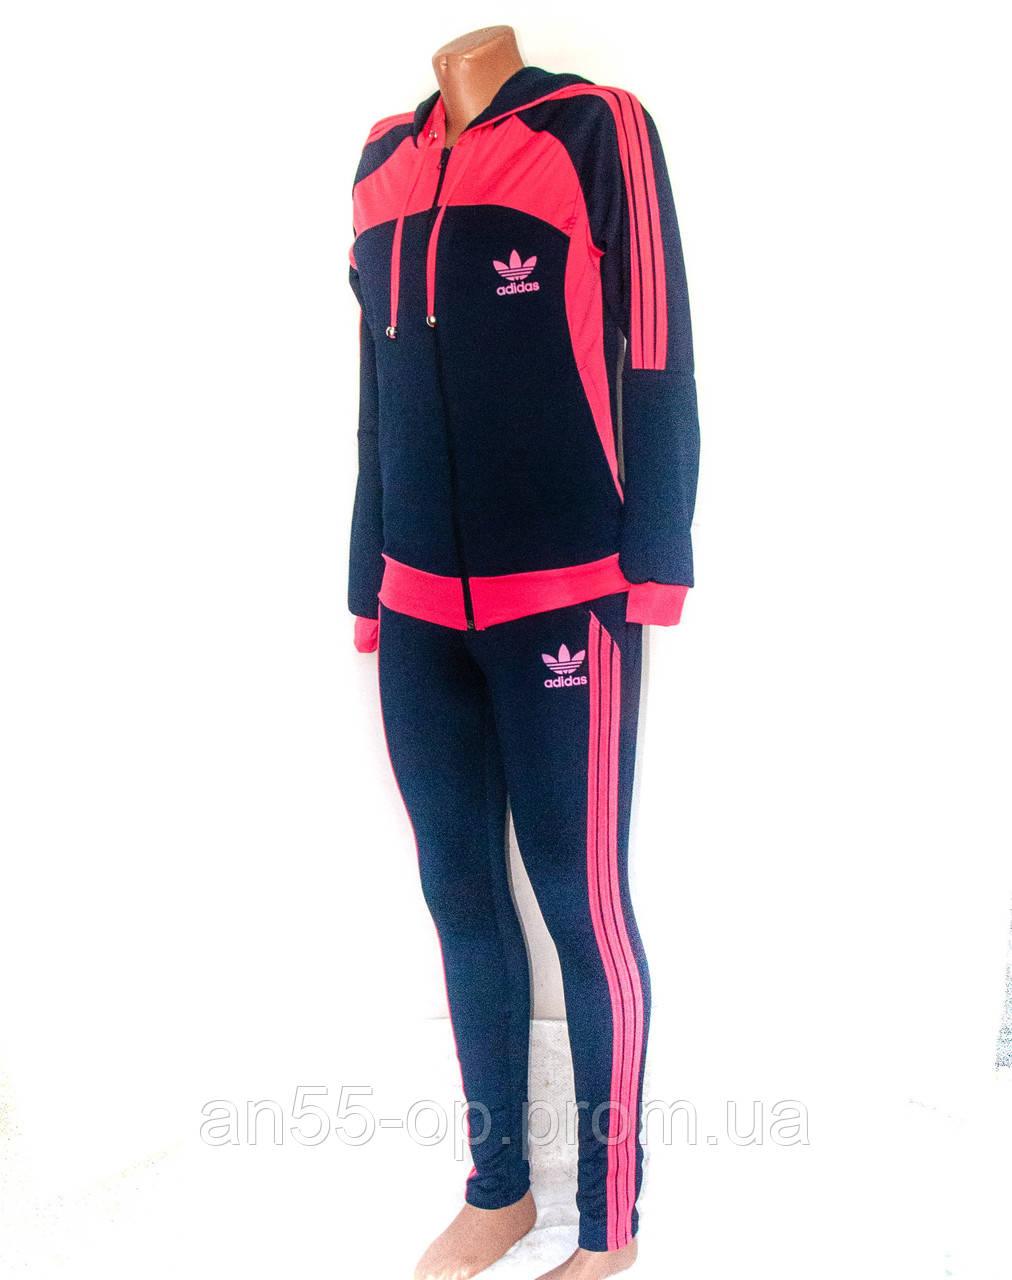 922cf5a5fedfe Женский спортивный костюм adidas (P.40-46) купить оптом от производителя.доставка  из Одесса(7КМ) ...